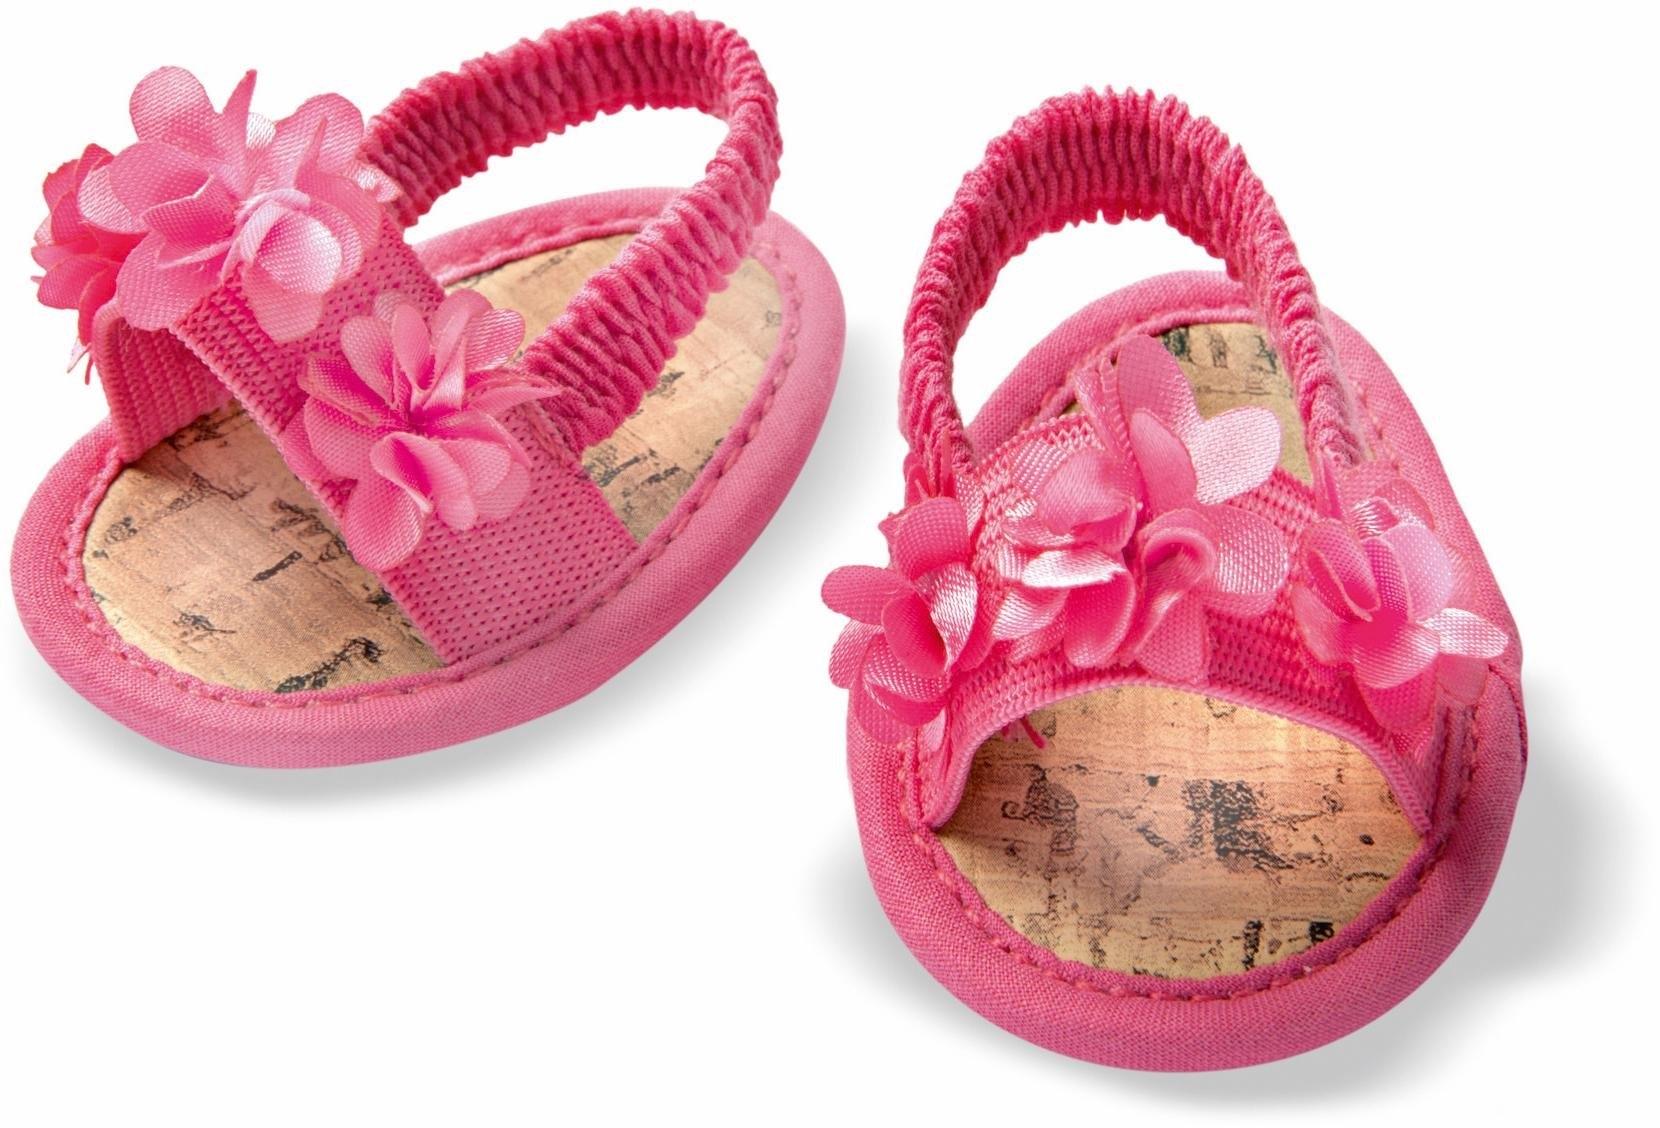 Heless poppenkleding Bloemen-sandalen voor poppenmaat 38-45 cm veilig op otto.nl kopen